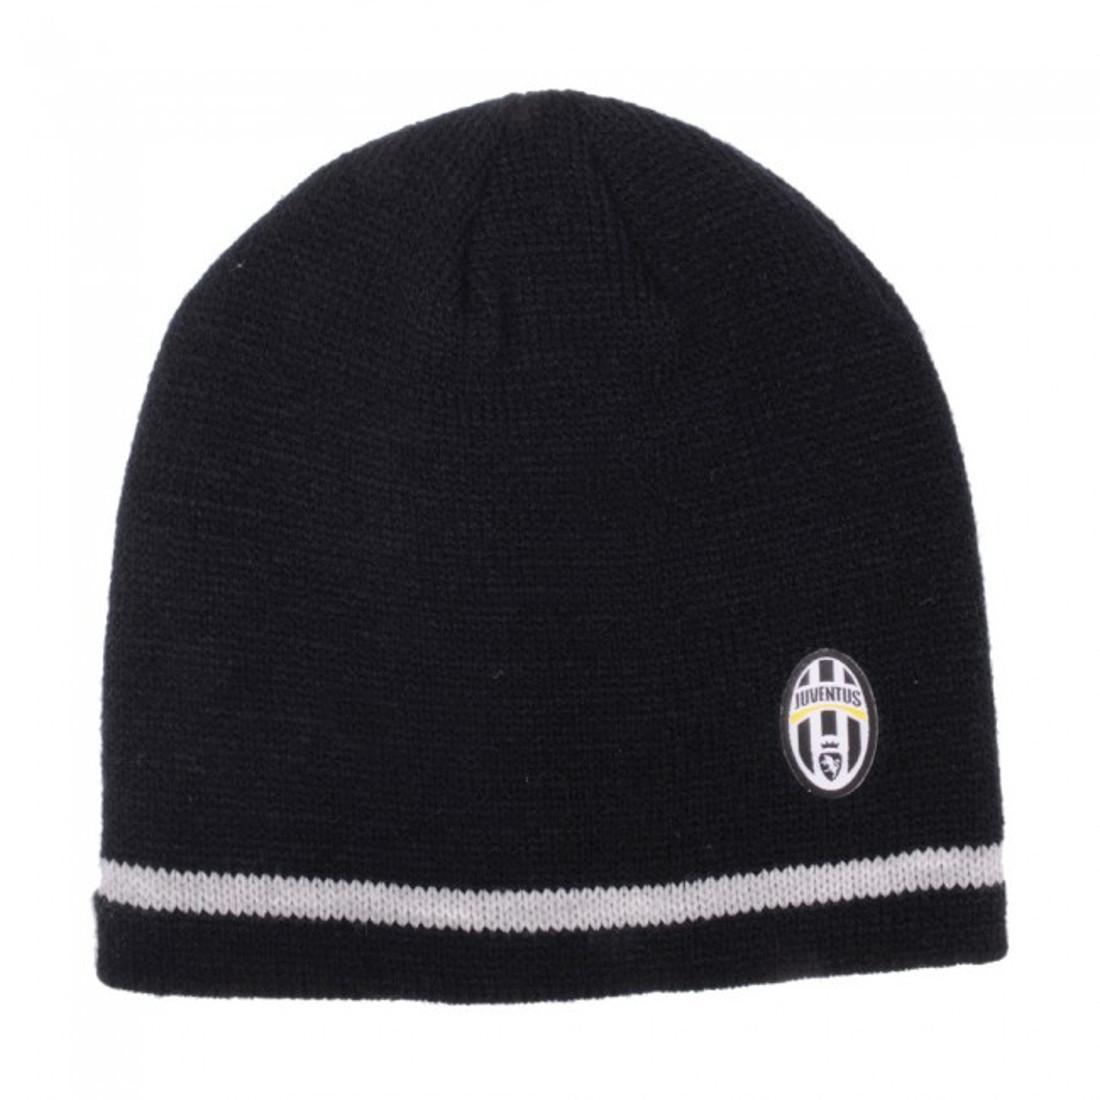 Cappello cuffia bordino tifosi Juve abbigliamento ufficiale Juventus  01183 d2da0fa550f1